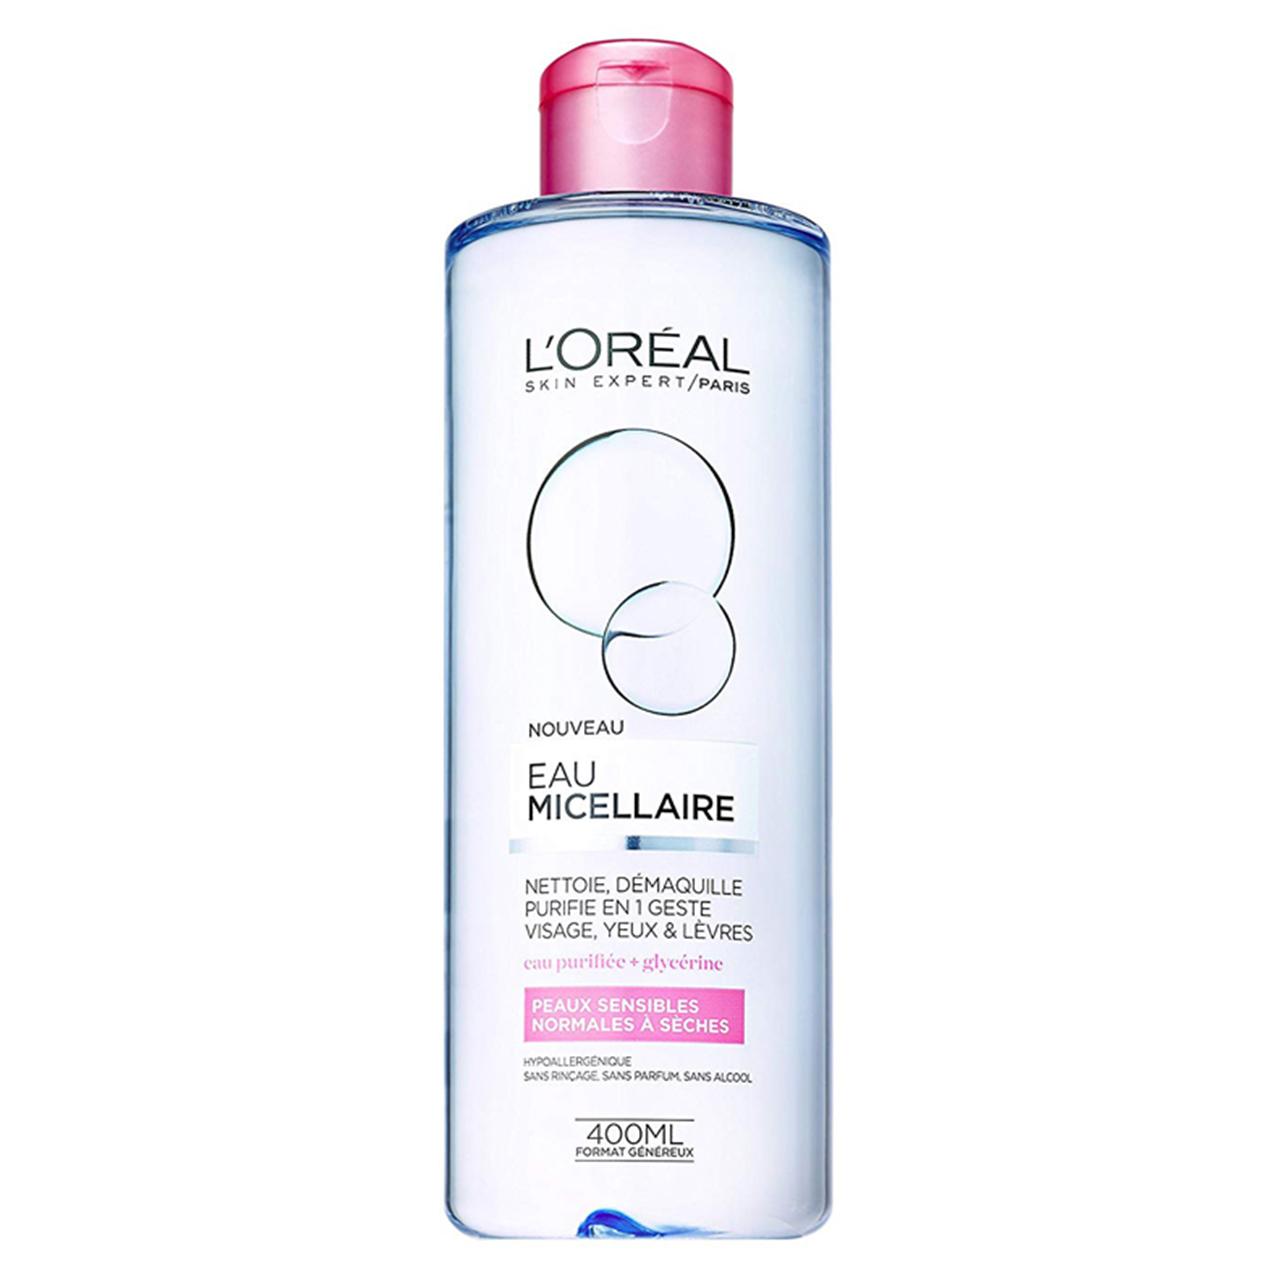 محلول پاک کننده لورآل مدل Normal to Dry Skin حجم 400 میلی لیتر